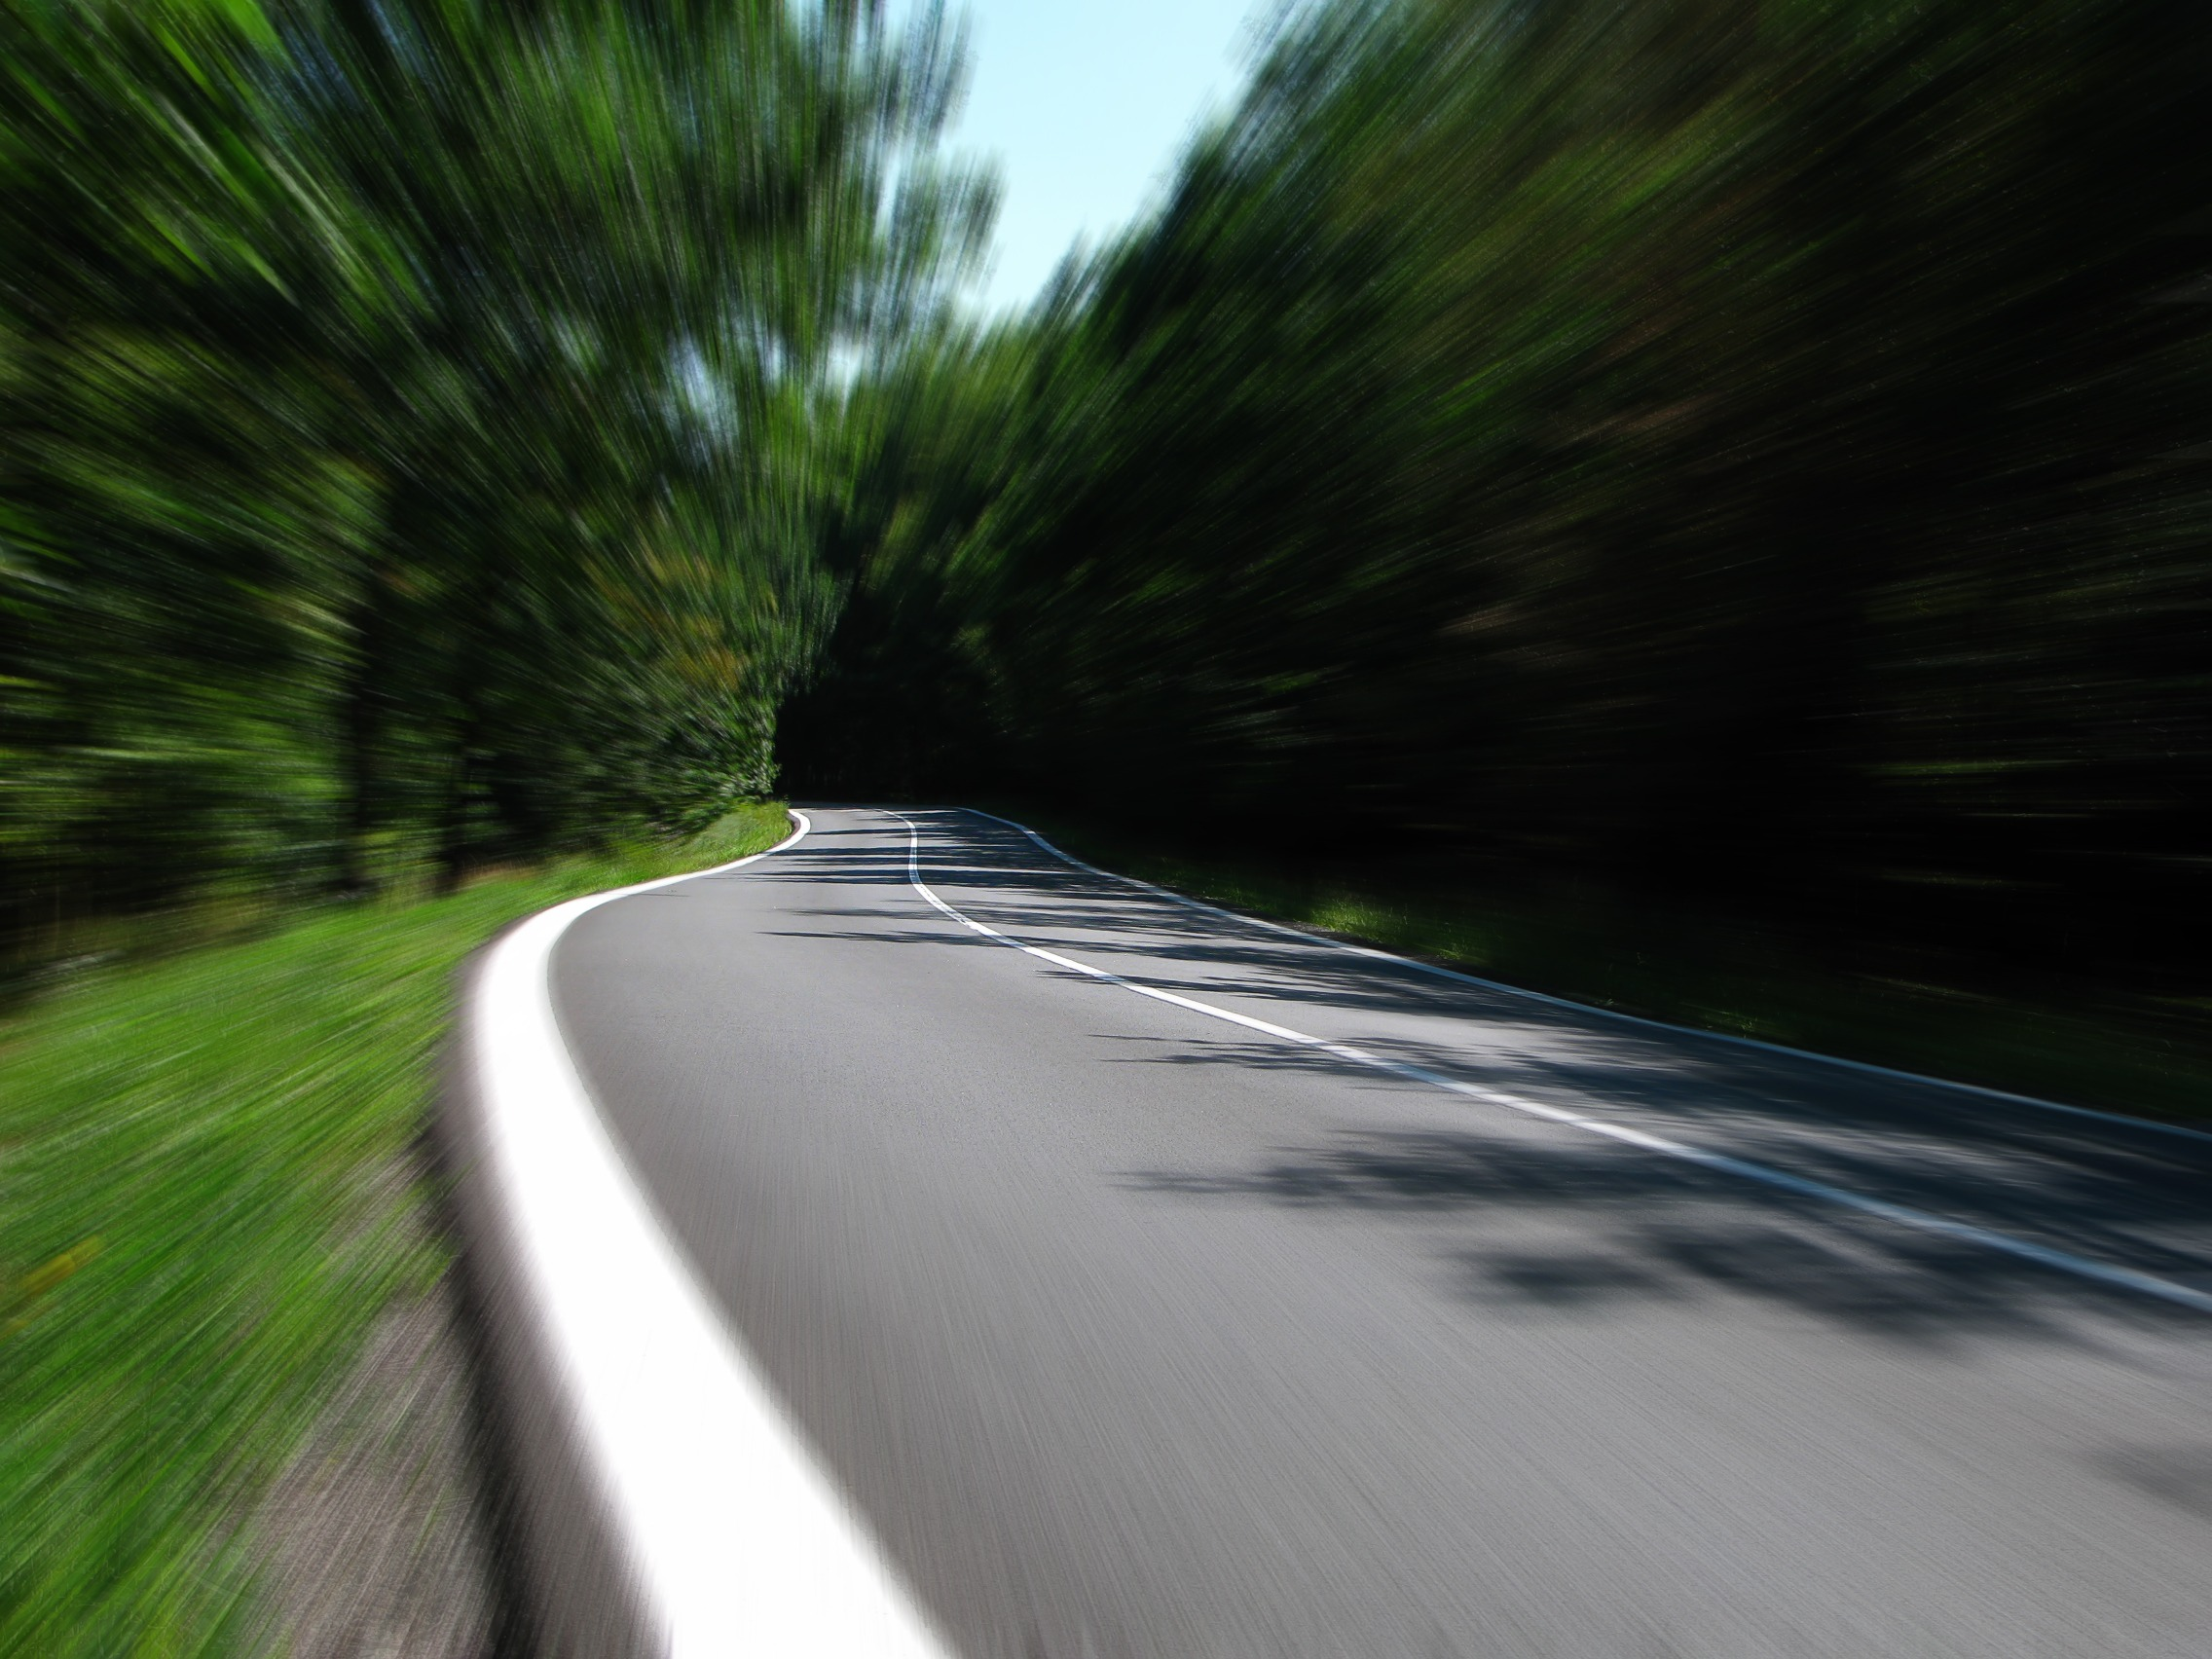 скорость, Дорога, Кривая, поле, движение - Обои HD - Профессор falken.com